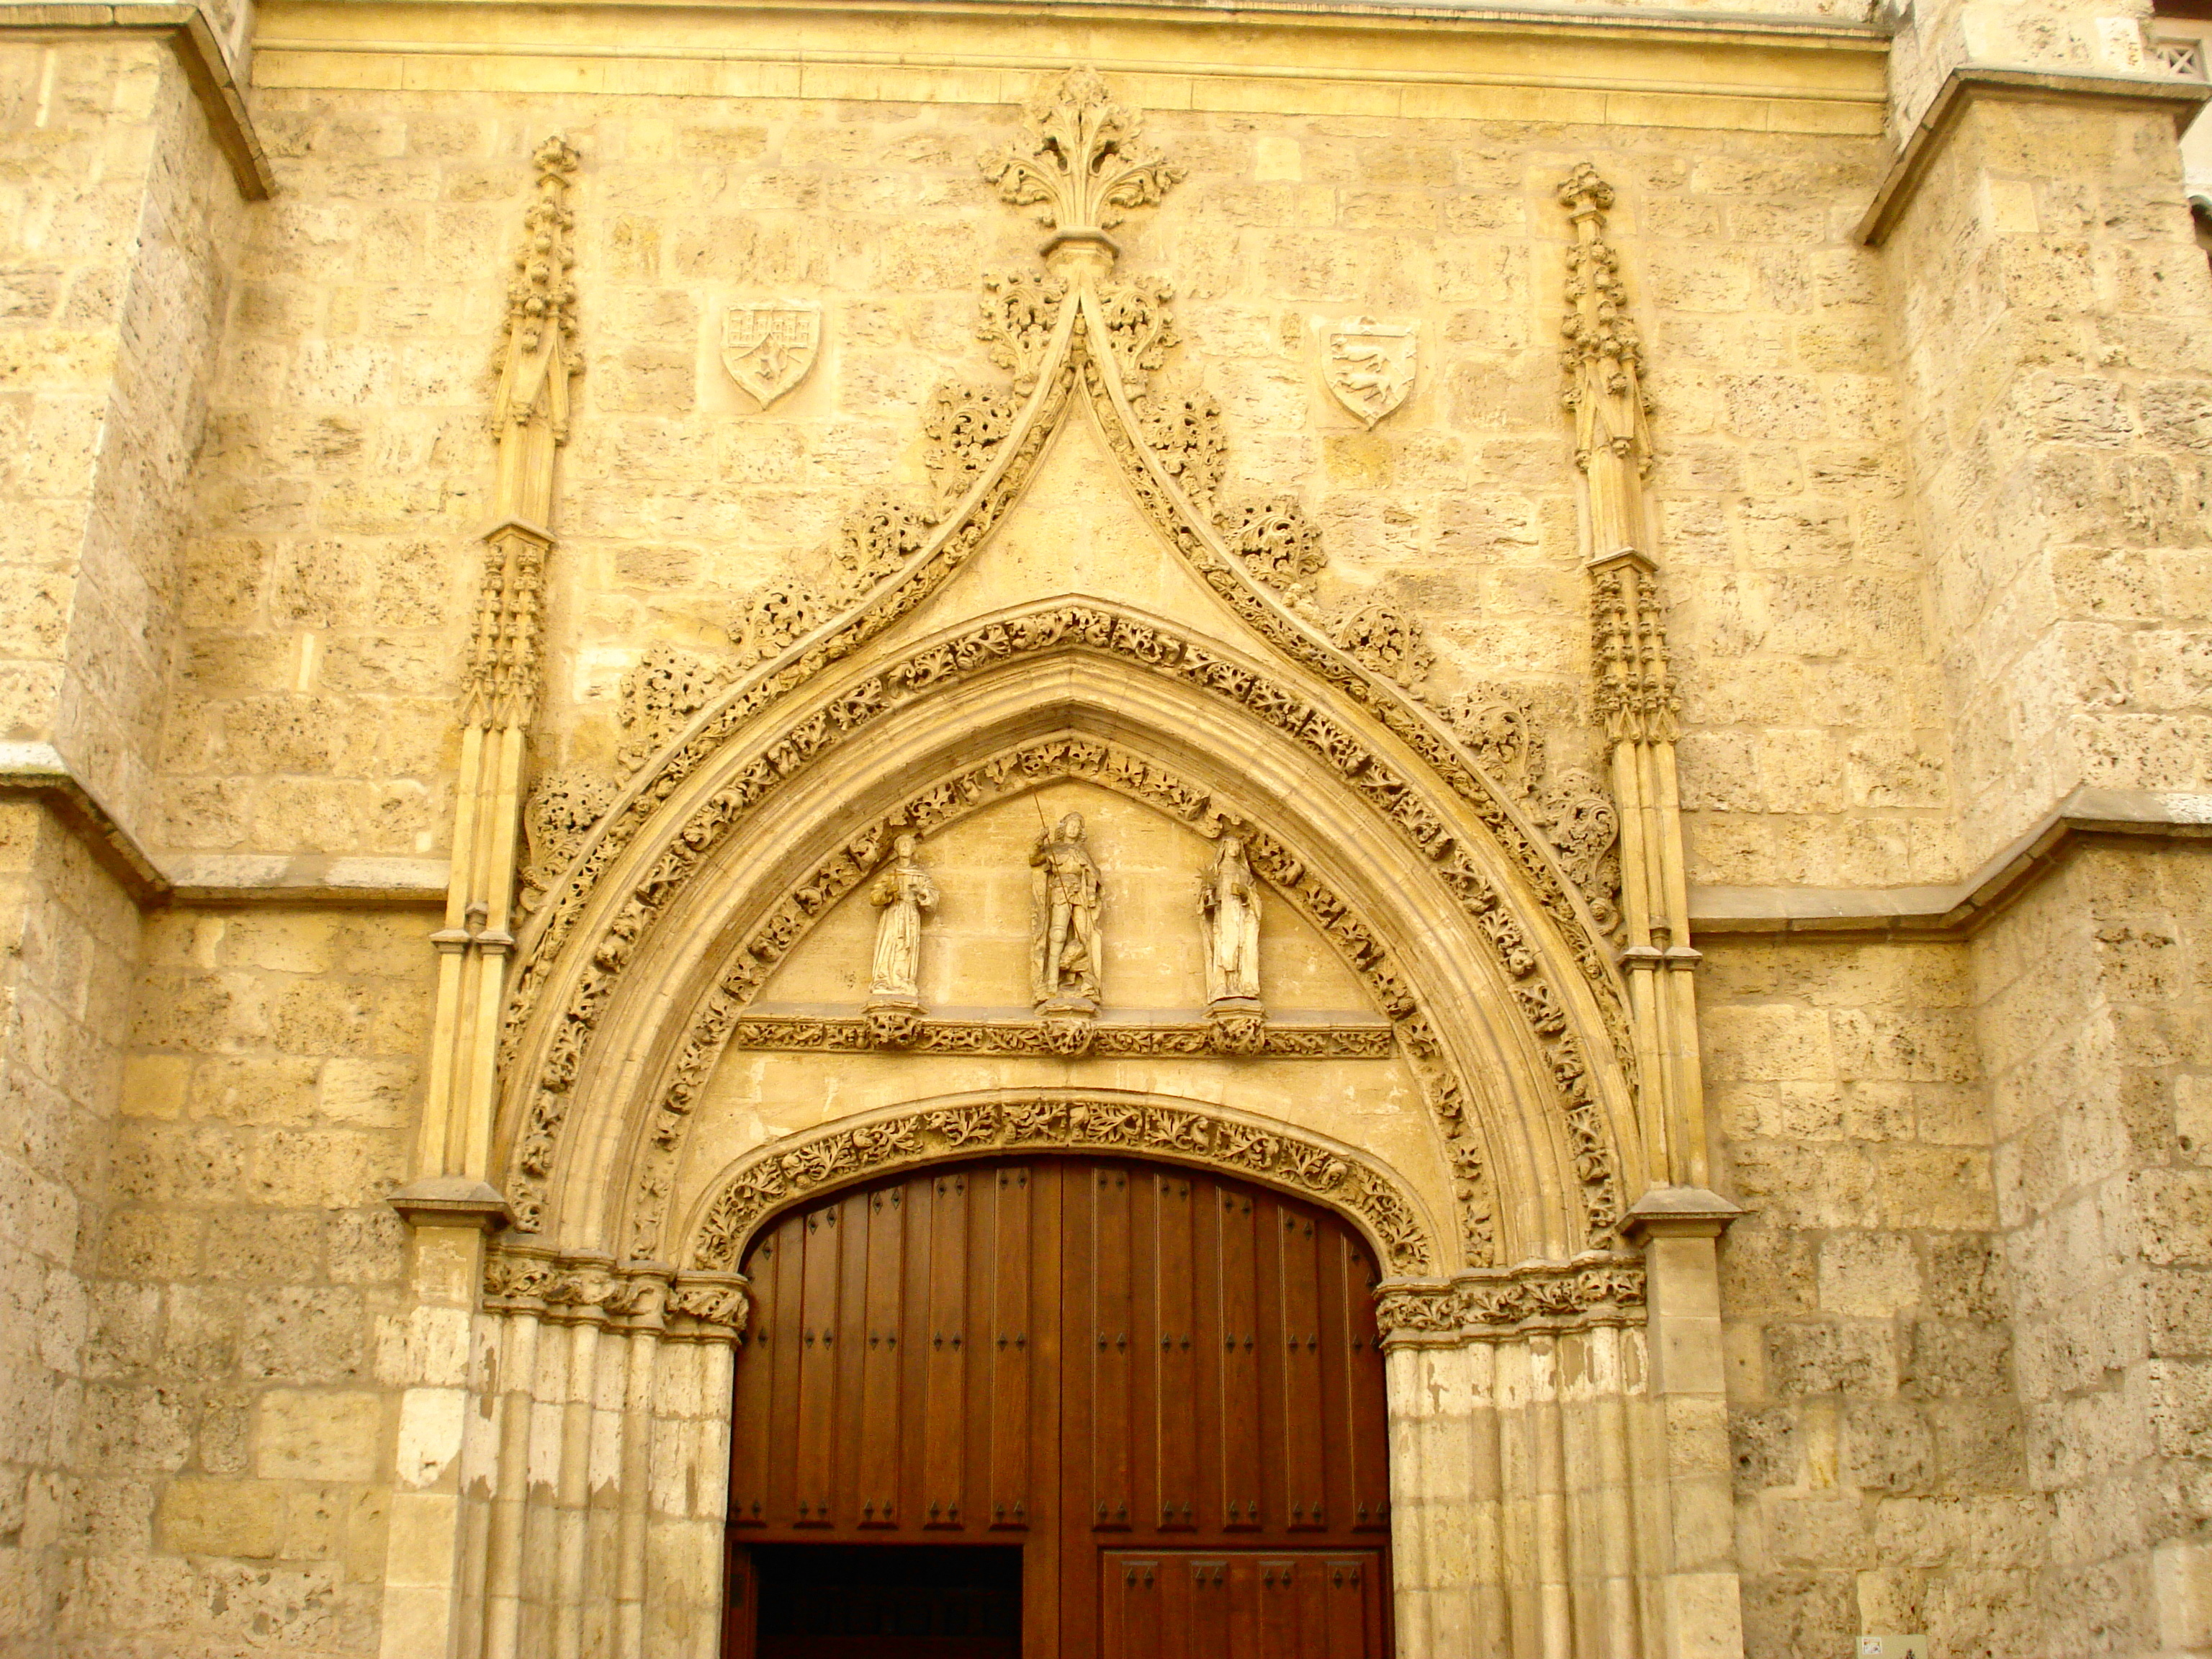 external image Arco_conopial_de_las_Claras.JPG